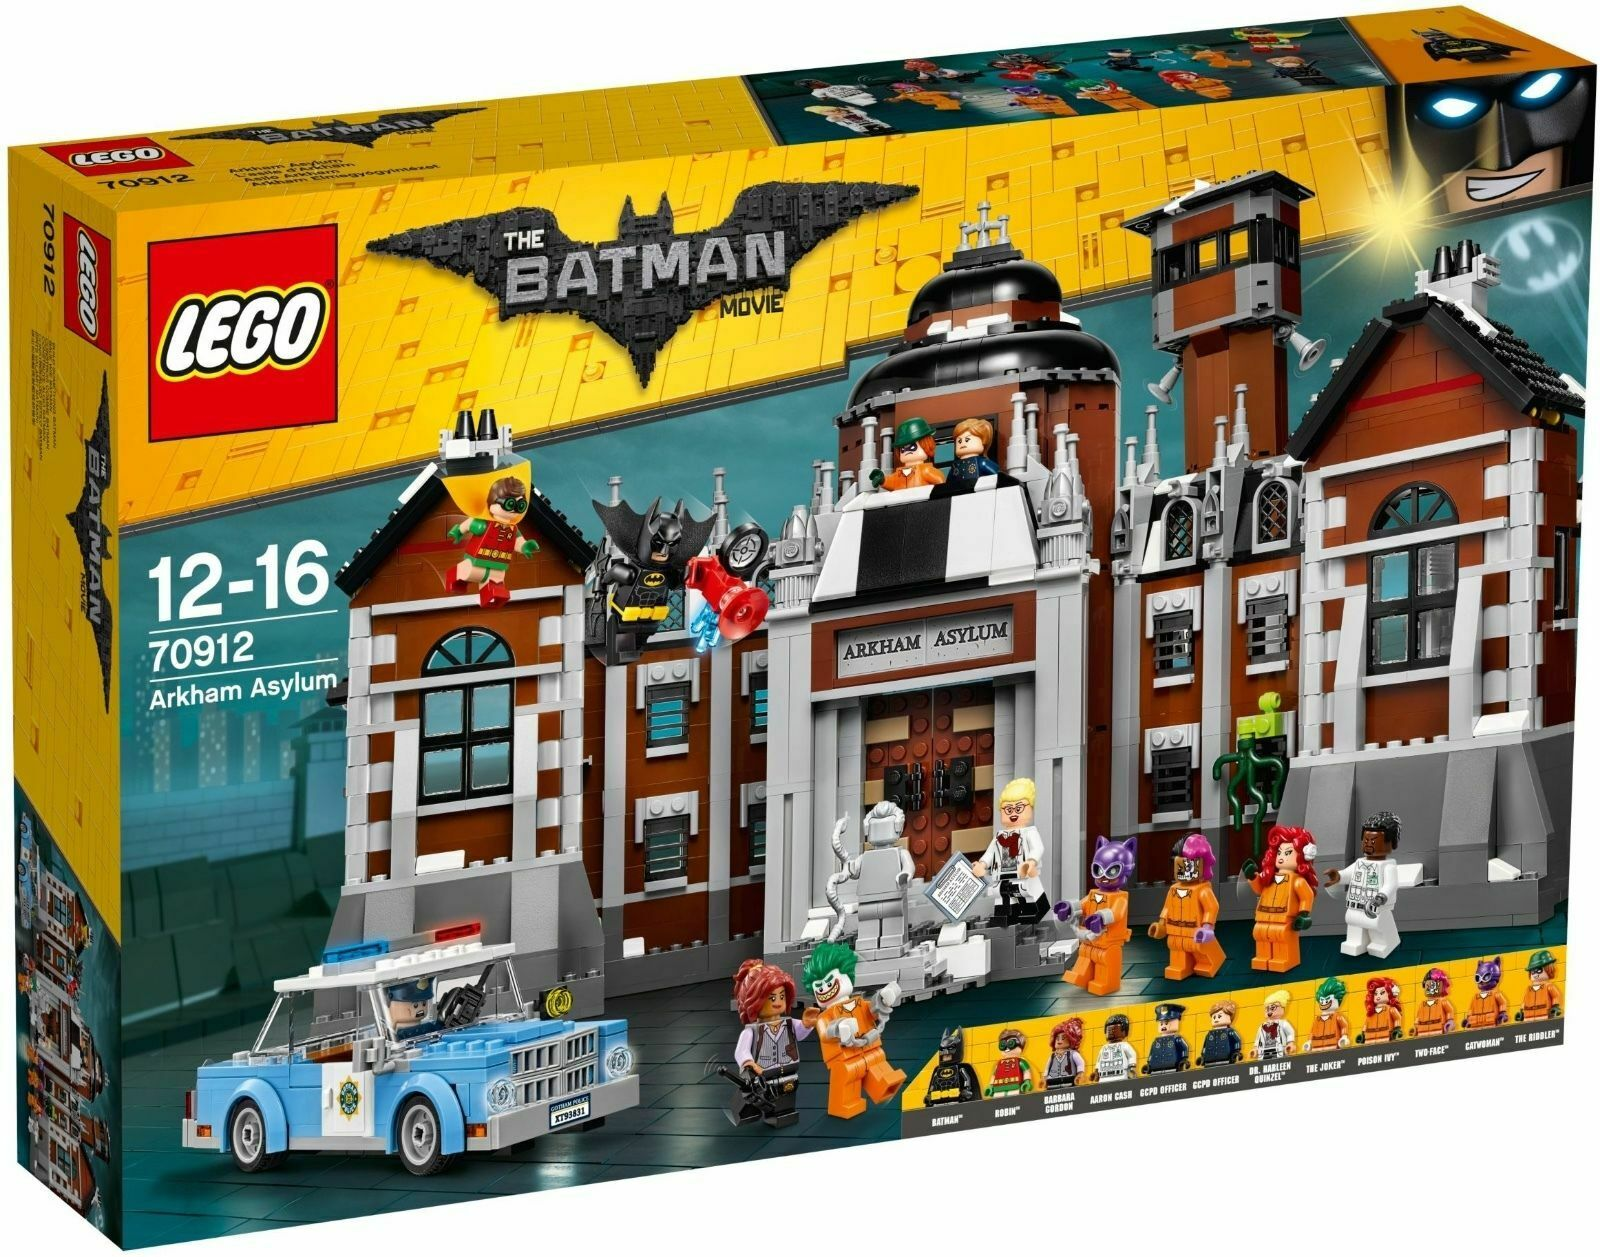 LEGO ® The LEGO ® Batman Movie 70912 Arkham Asylum Neuf neuf dans sa boîte NEW En parfait état, dans sa boîte scellée Boîte d'origine jamais ouverte